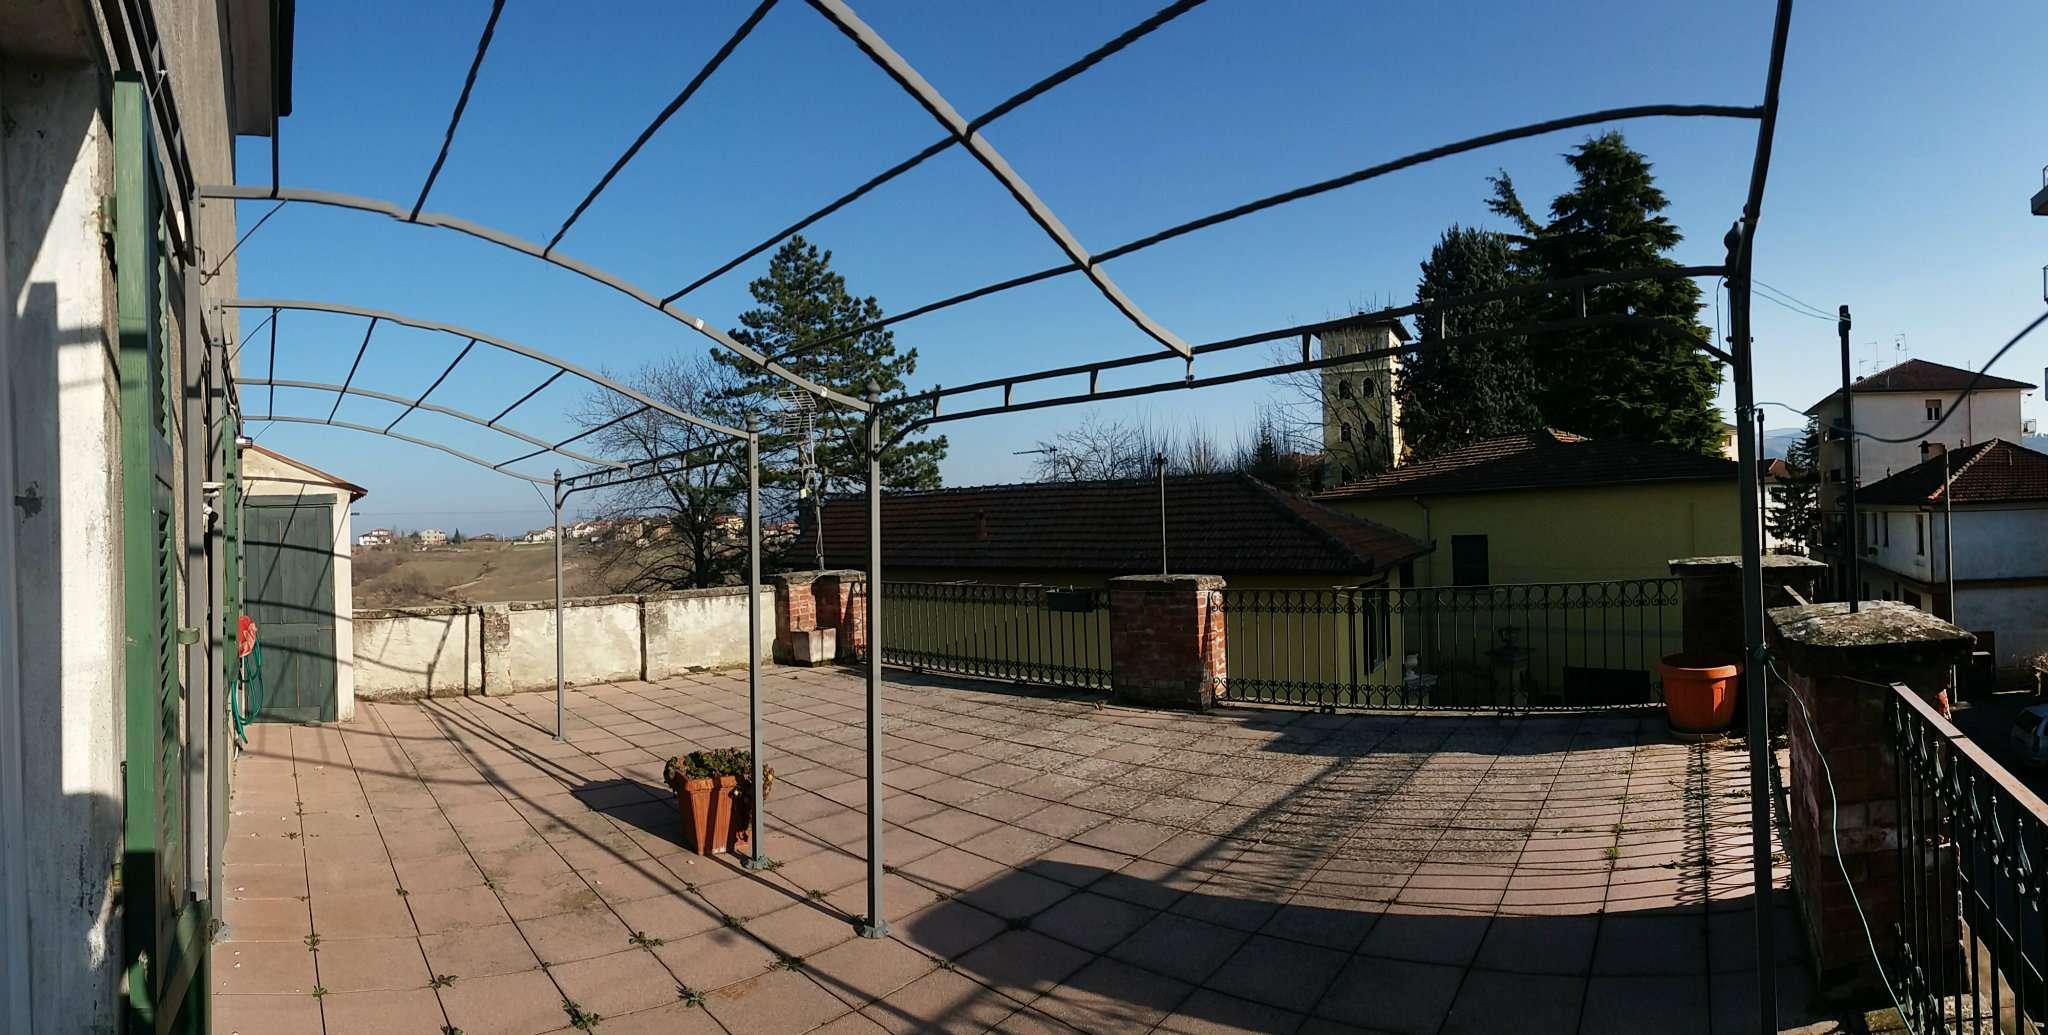 Appartamento in vendita a Tagliolo Monferrato, 8 locali, prezzo € 55.000 | PortaleAgenzieImmobiliari.it